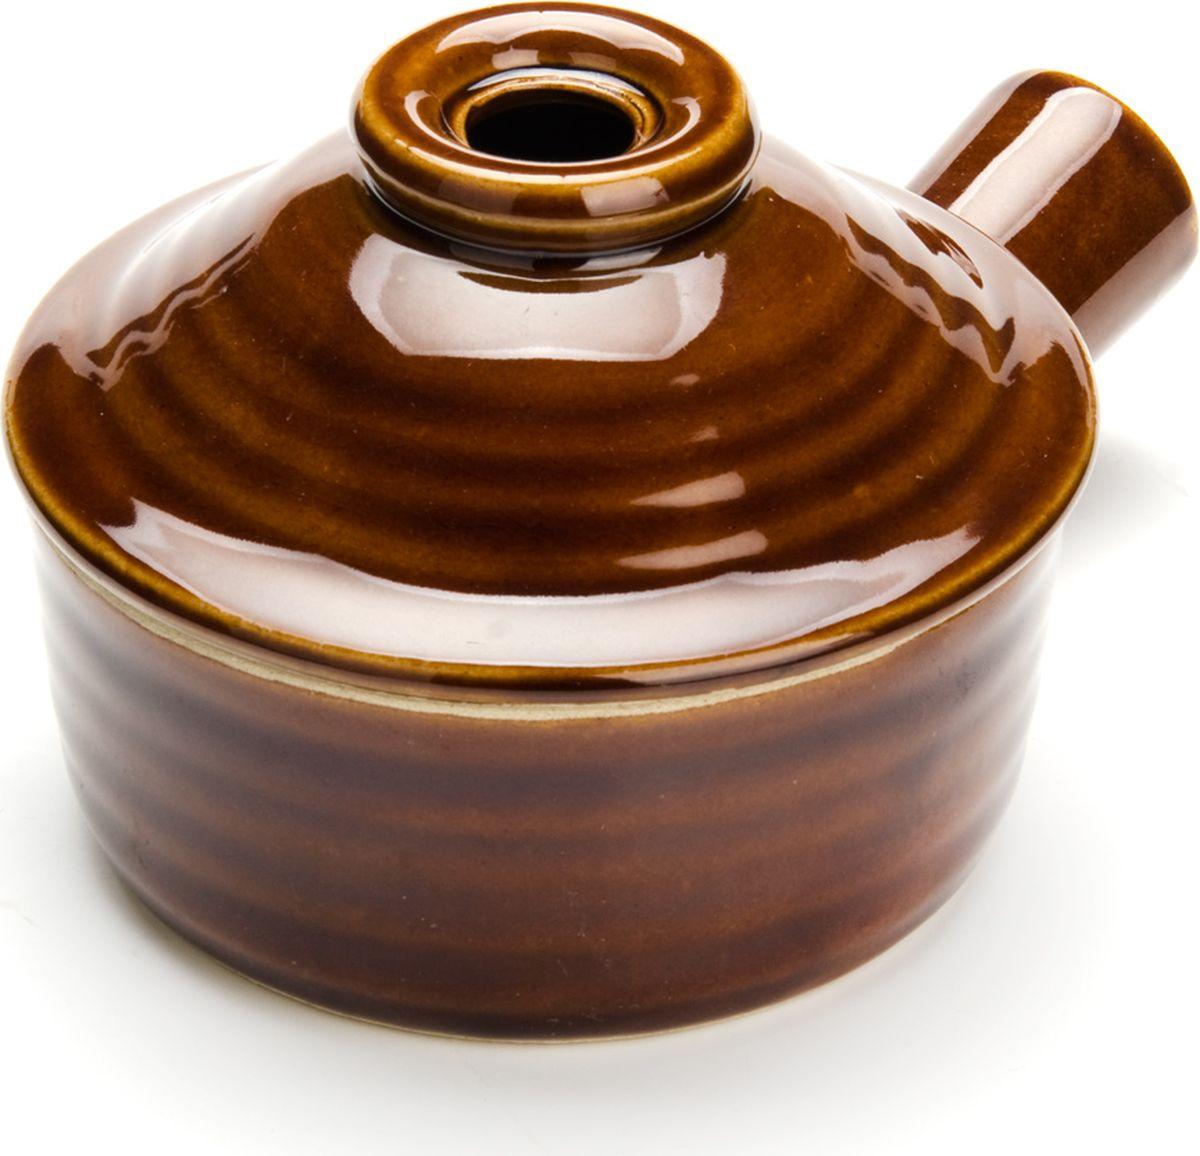 Кастрюля Mayer & Boch для микроволновки, 300 мл26048Благодаря инновационной системе пароотвода, которая дает возможность циркуляции пара во время готовки, а также, благодаря компактному размеру - блюдо готовится за считанные минуты. Поверхность кастрюли имеет антипригарное покрытие, поэтому нет необходимости добавлять в блюдо масло, пища будет готовиться в собственном соку.В такой кастрюле можно приготовить суп, омлет, вторые блюда, различные десерты.Подходит только для использования в микроволновой печи. Не подходит для использования на всех типах плит и в духовых шкафах.Объем: 300 мл.